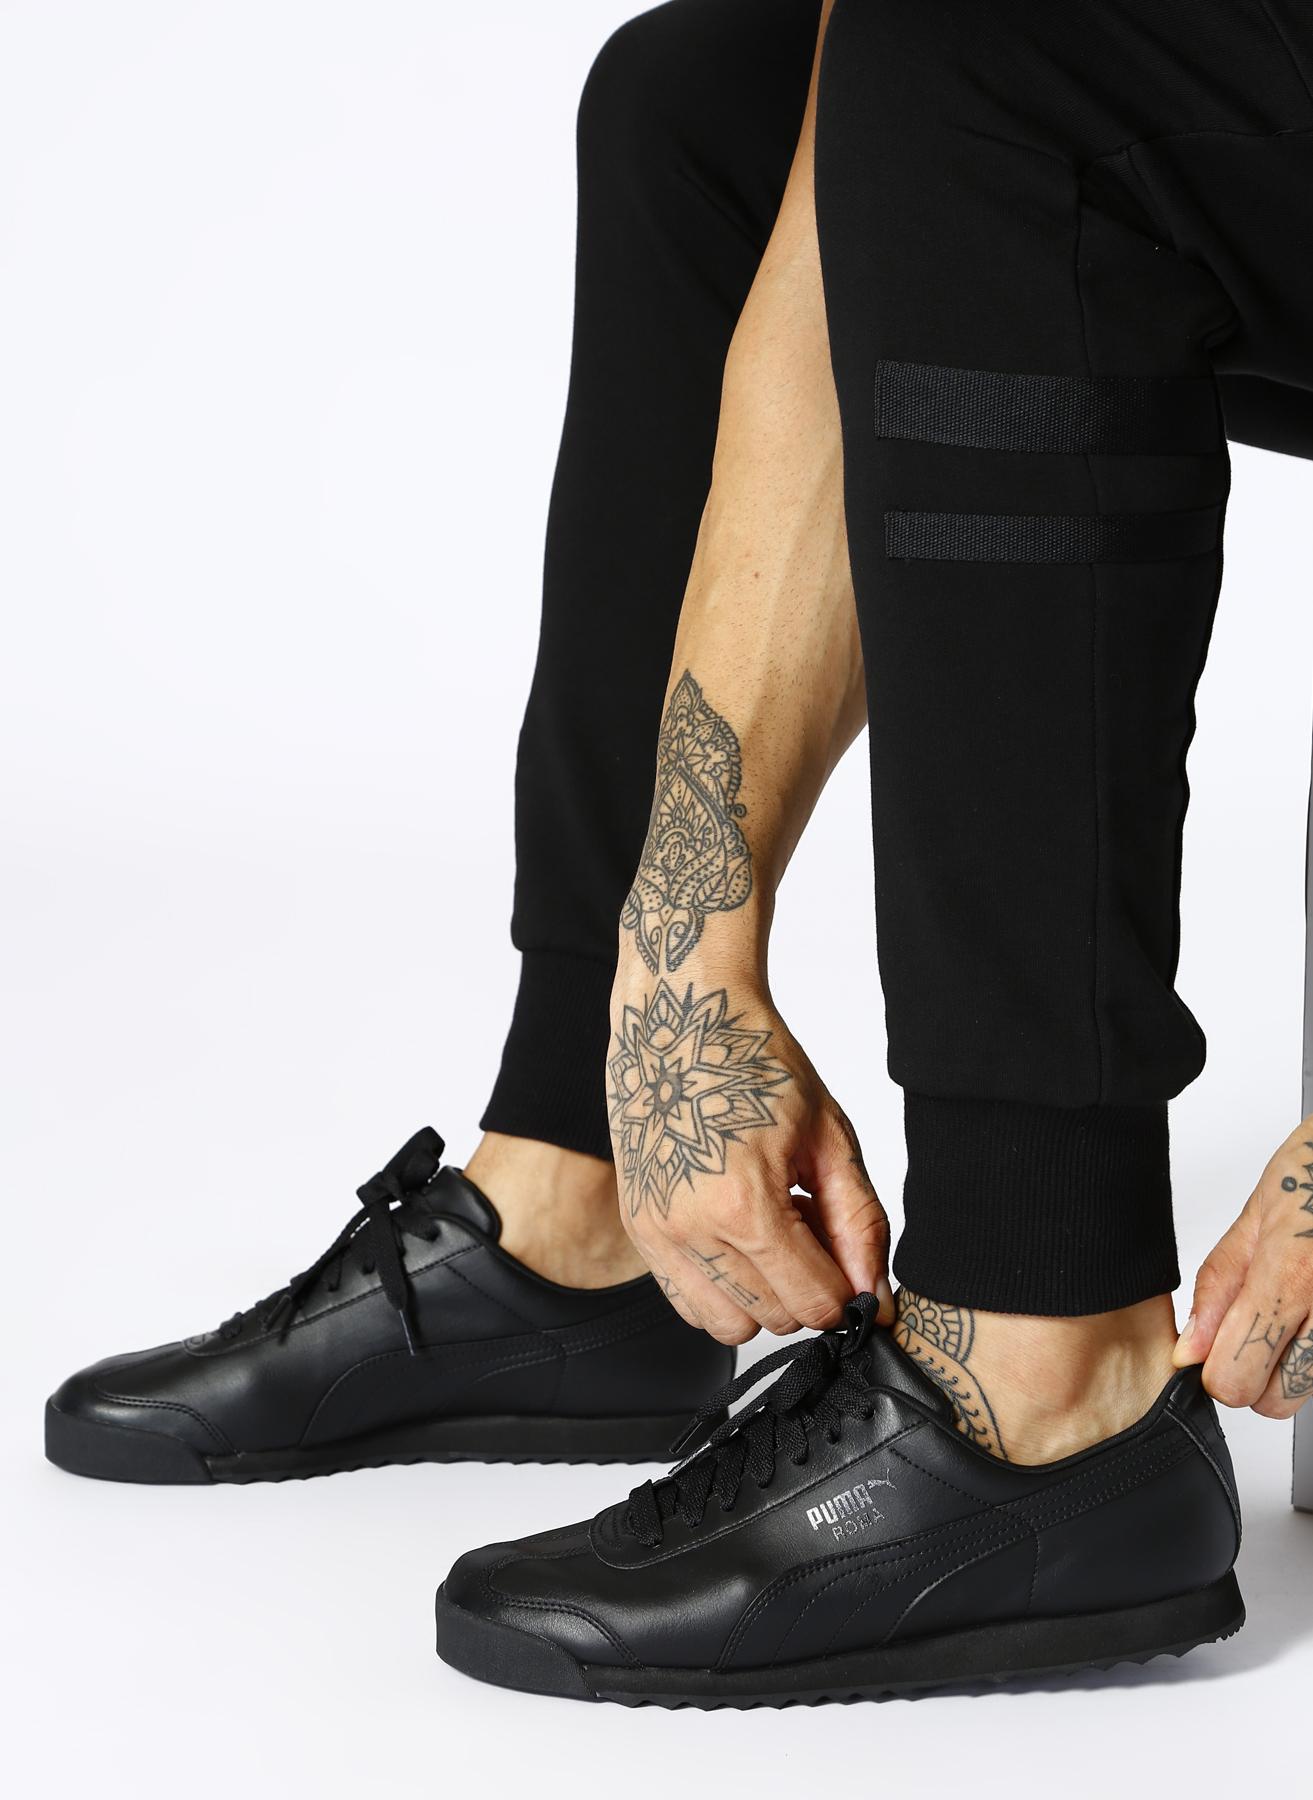 Puma Roma Basic Lifestyle Ayakkabı 36 5000162310001 Ürün Resmi